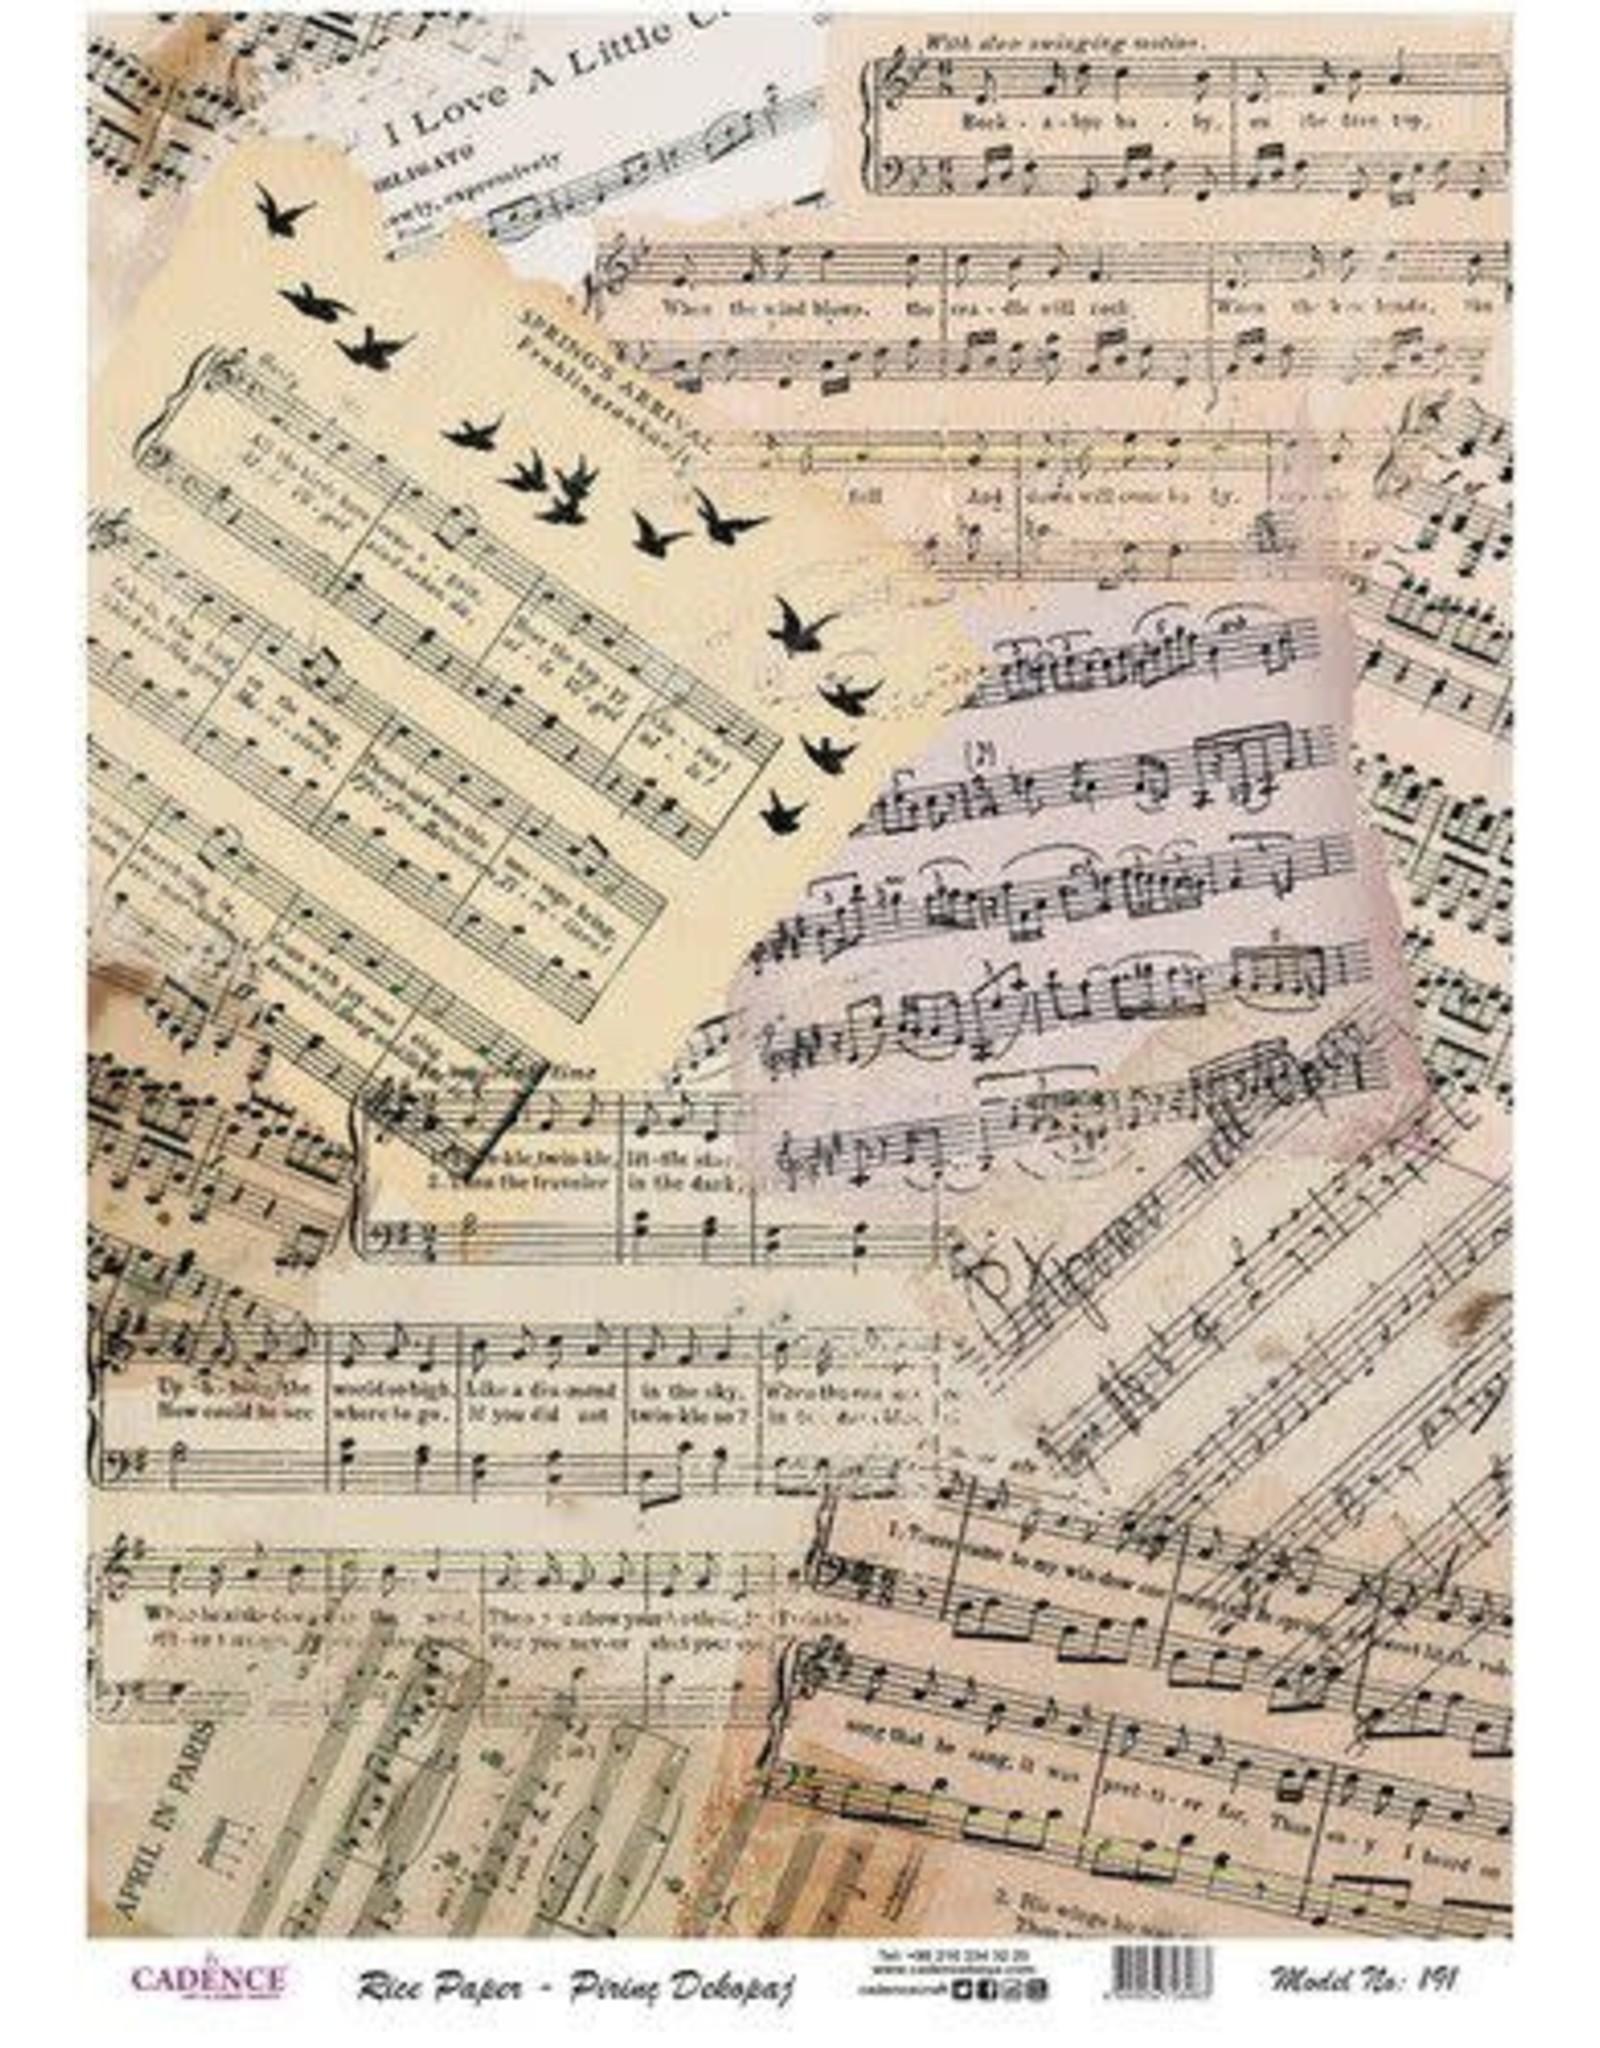 Cadence Cadence rijstpapier vintage stukken bladmuziek Model No: 191